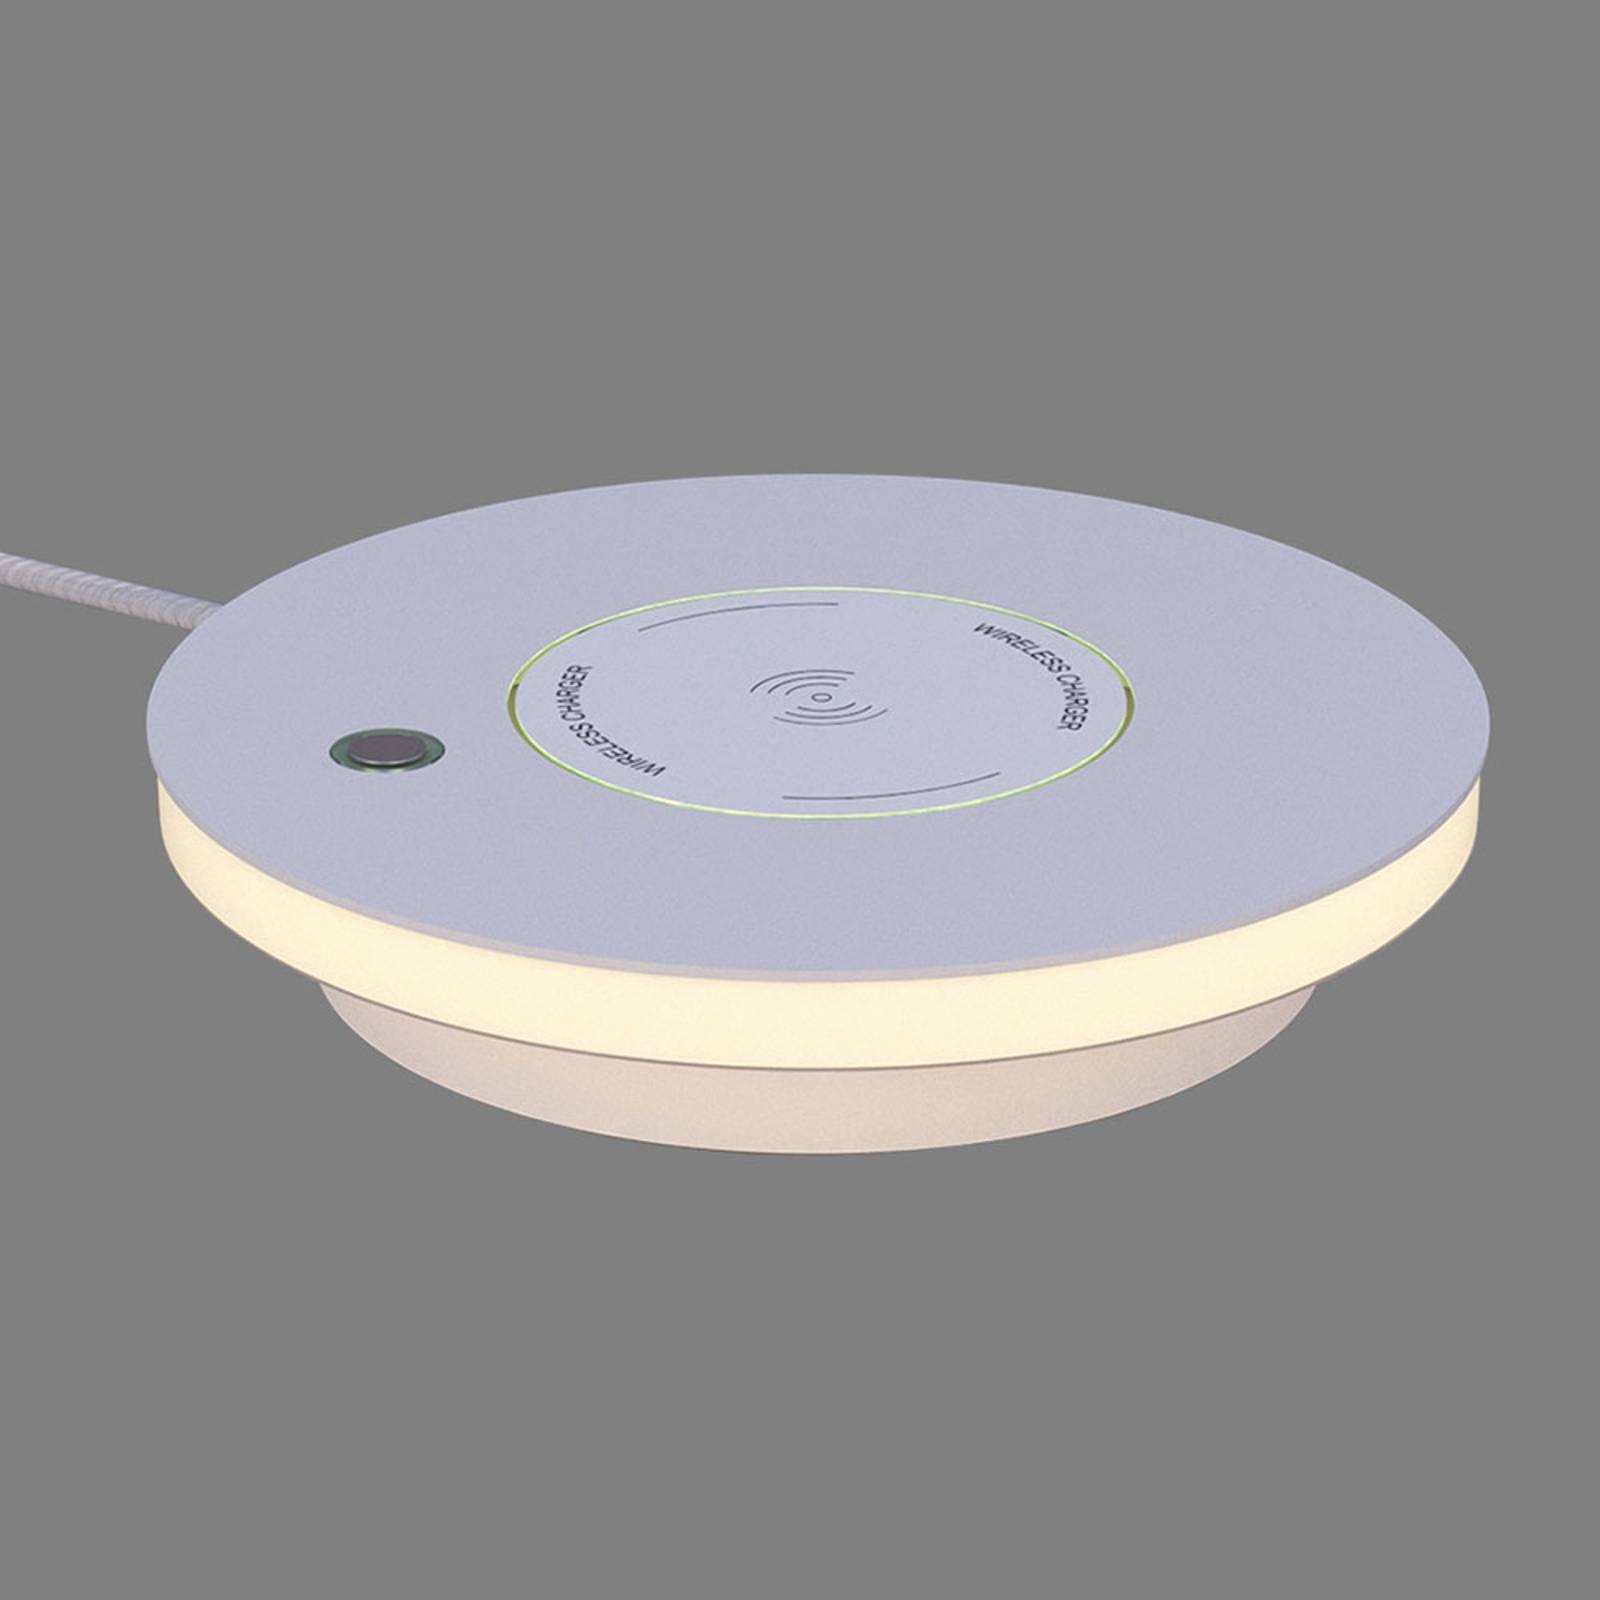 LED-pöytälamppu Ekil, Qi-latausasema, valkoinen